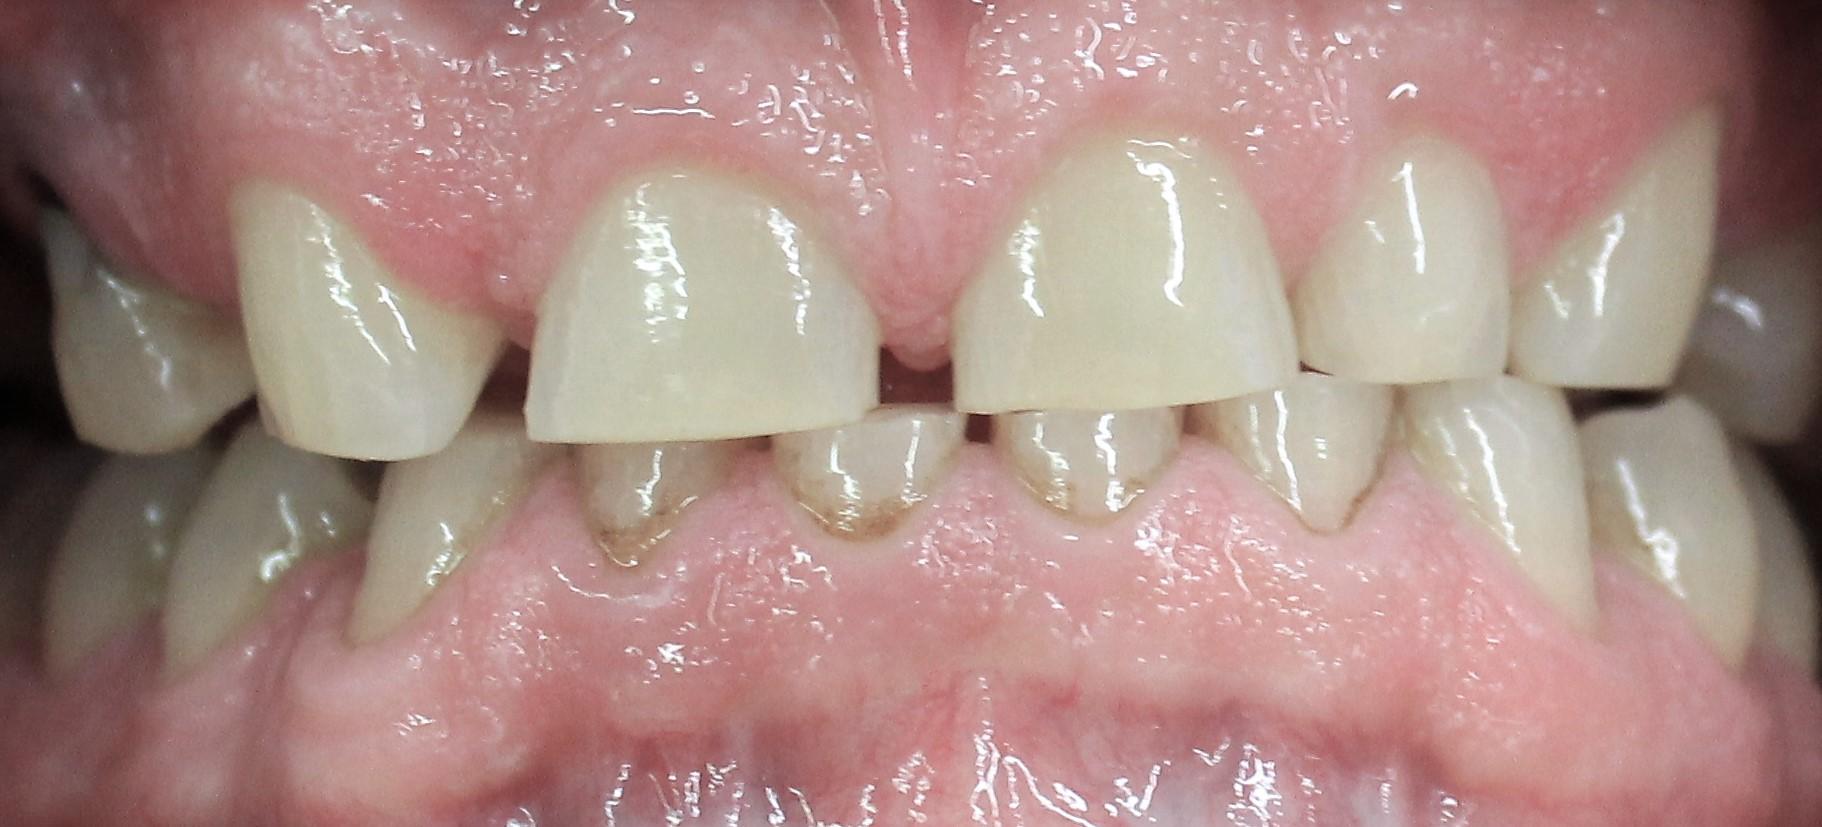 Zubi potrošeni uslijed bruksizma - noćnog škripanja zubima